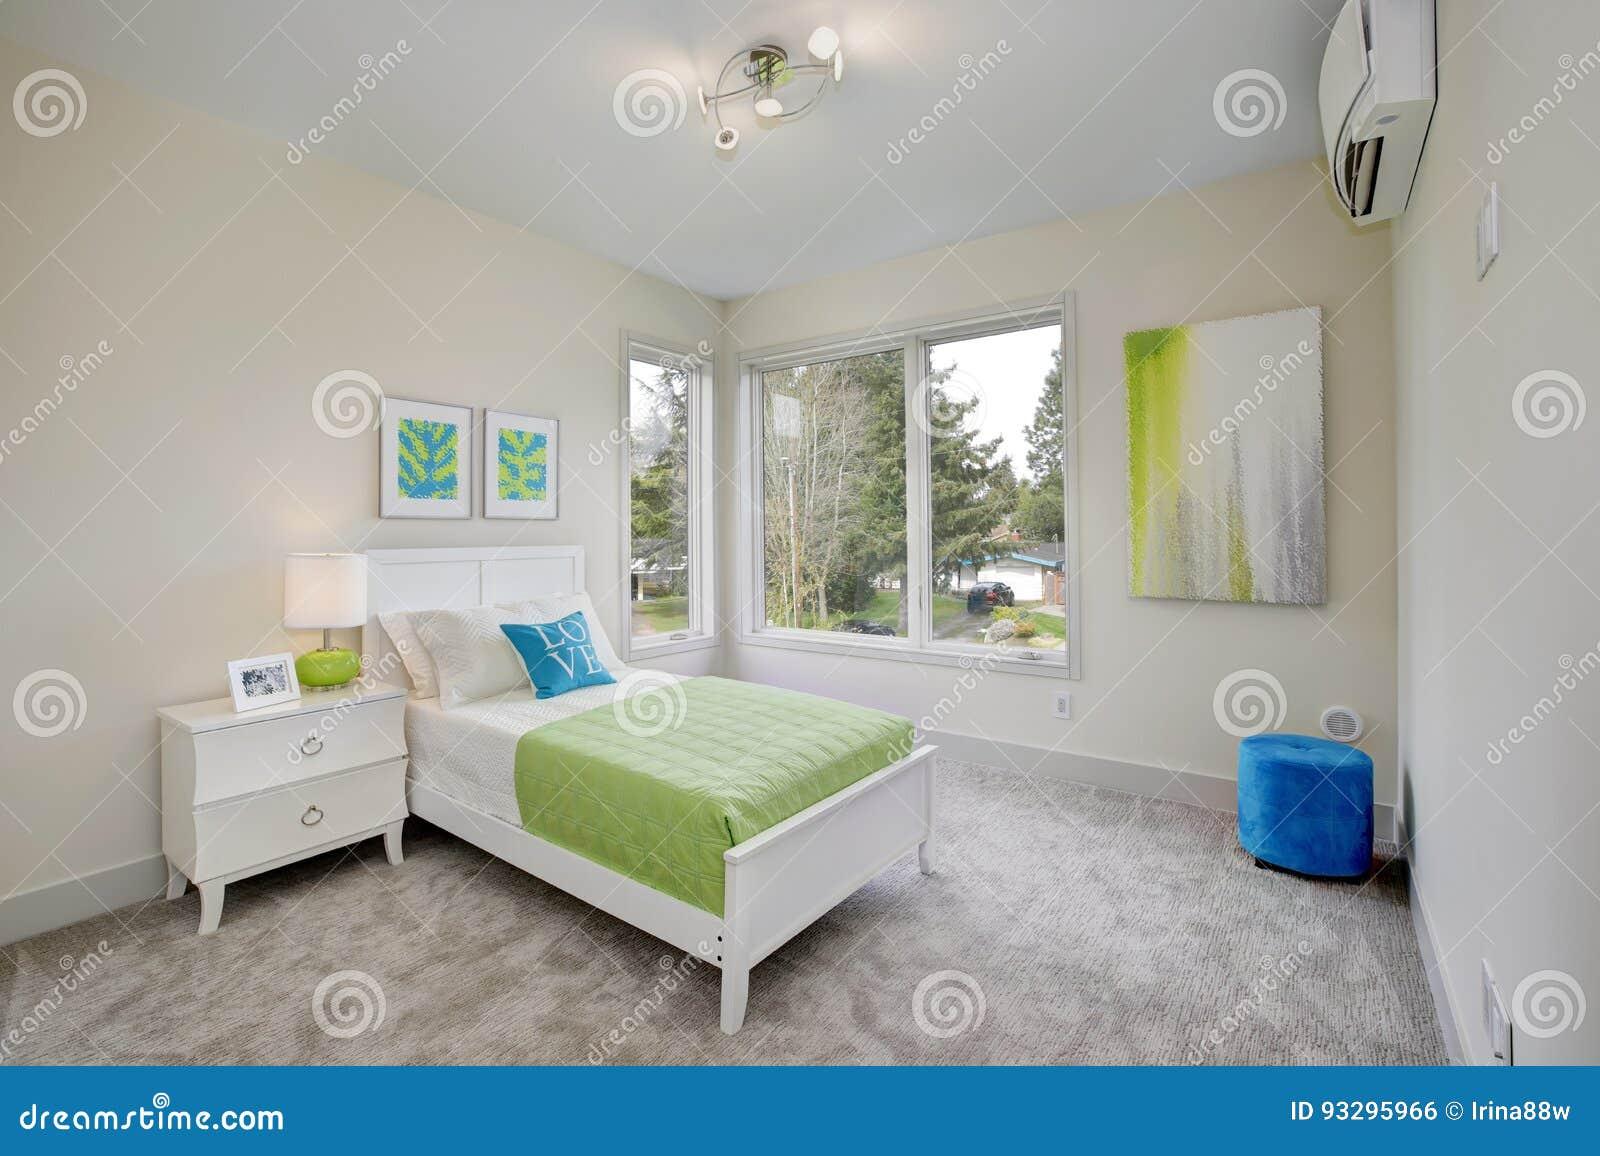 Zeitgenössisches Blaues Und Grünes Kind-` S Schlafzimmer Stockfoto ...